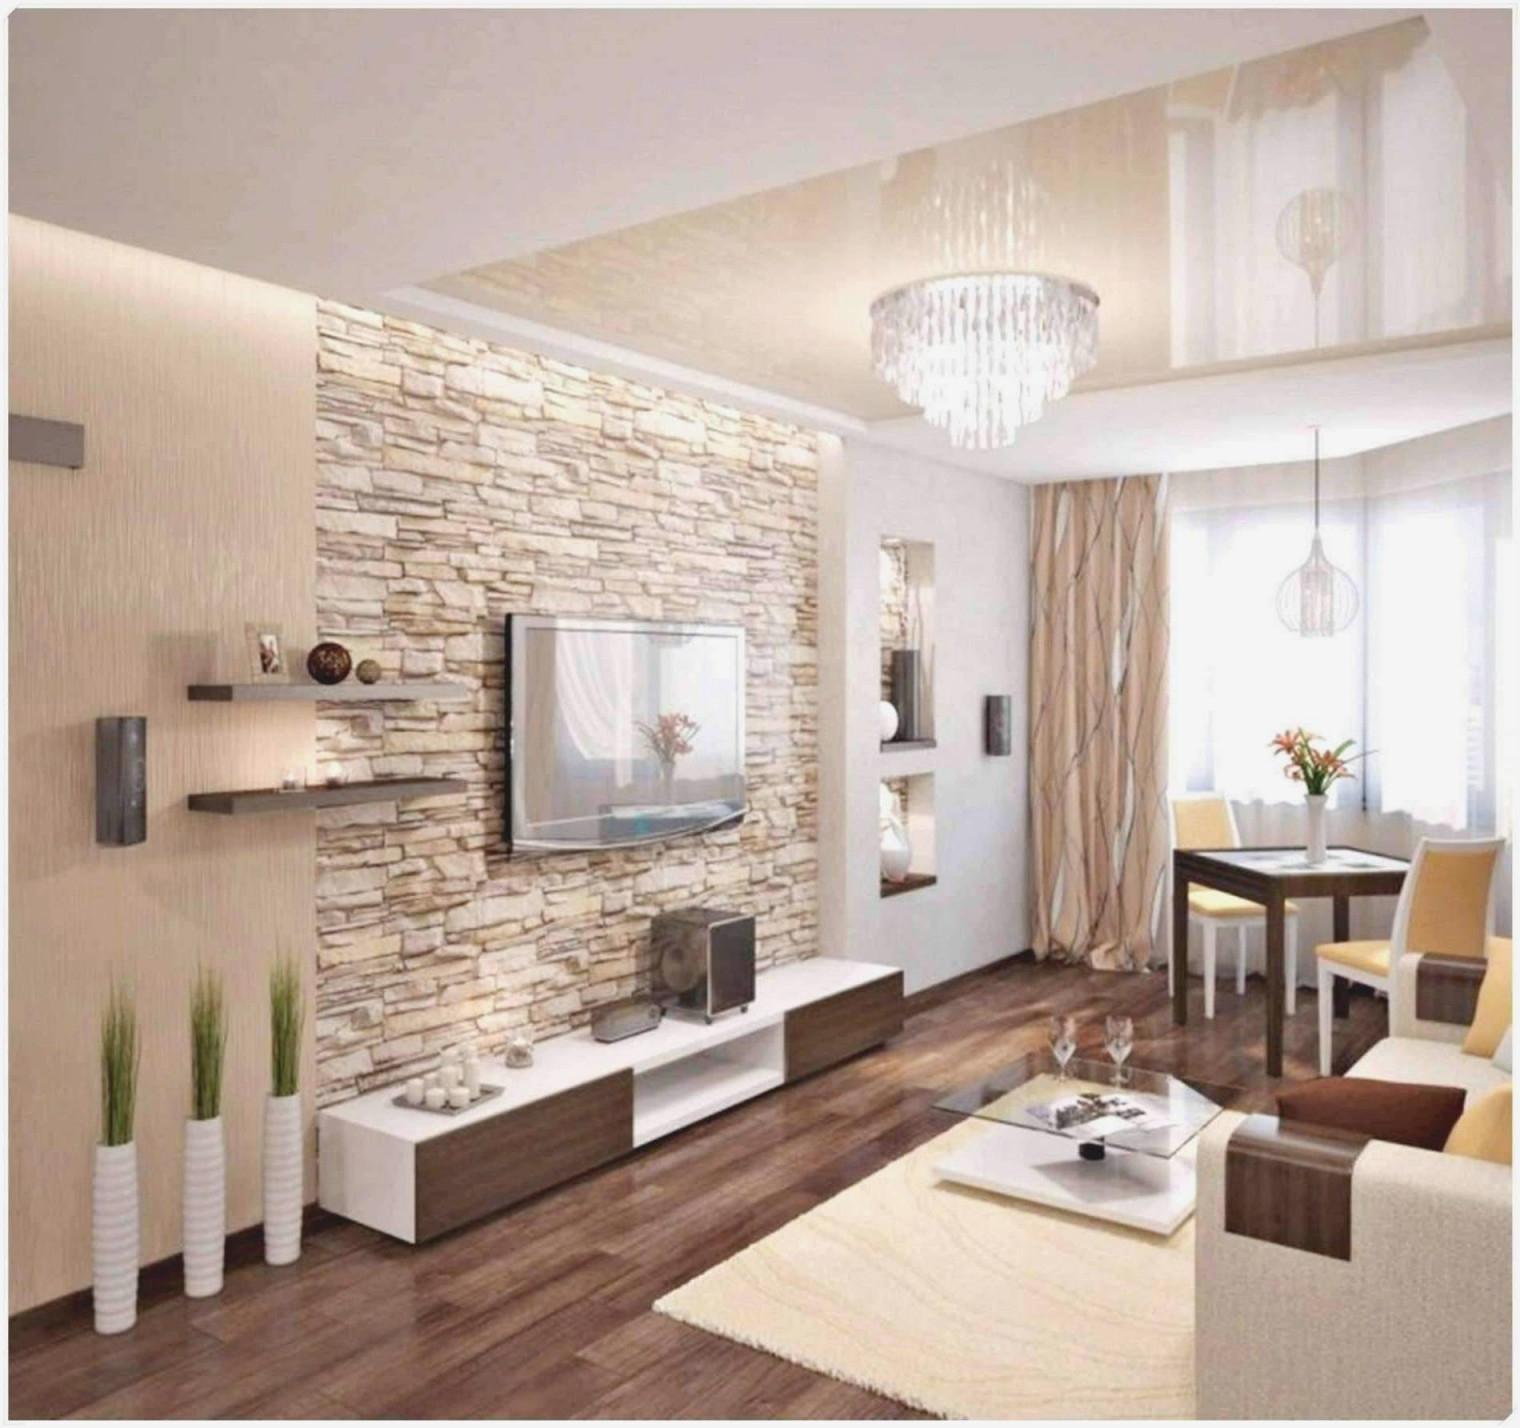 Wohnzimmer Mit Pflanzen Dekorieren  Wohnzimmer  Traumhaus von Pflanzen Deko Wohnzimmer Bild